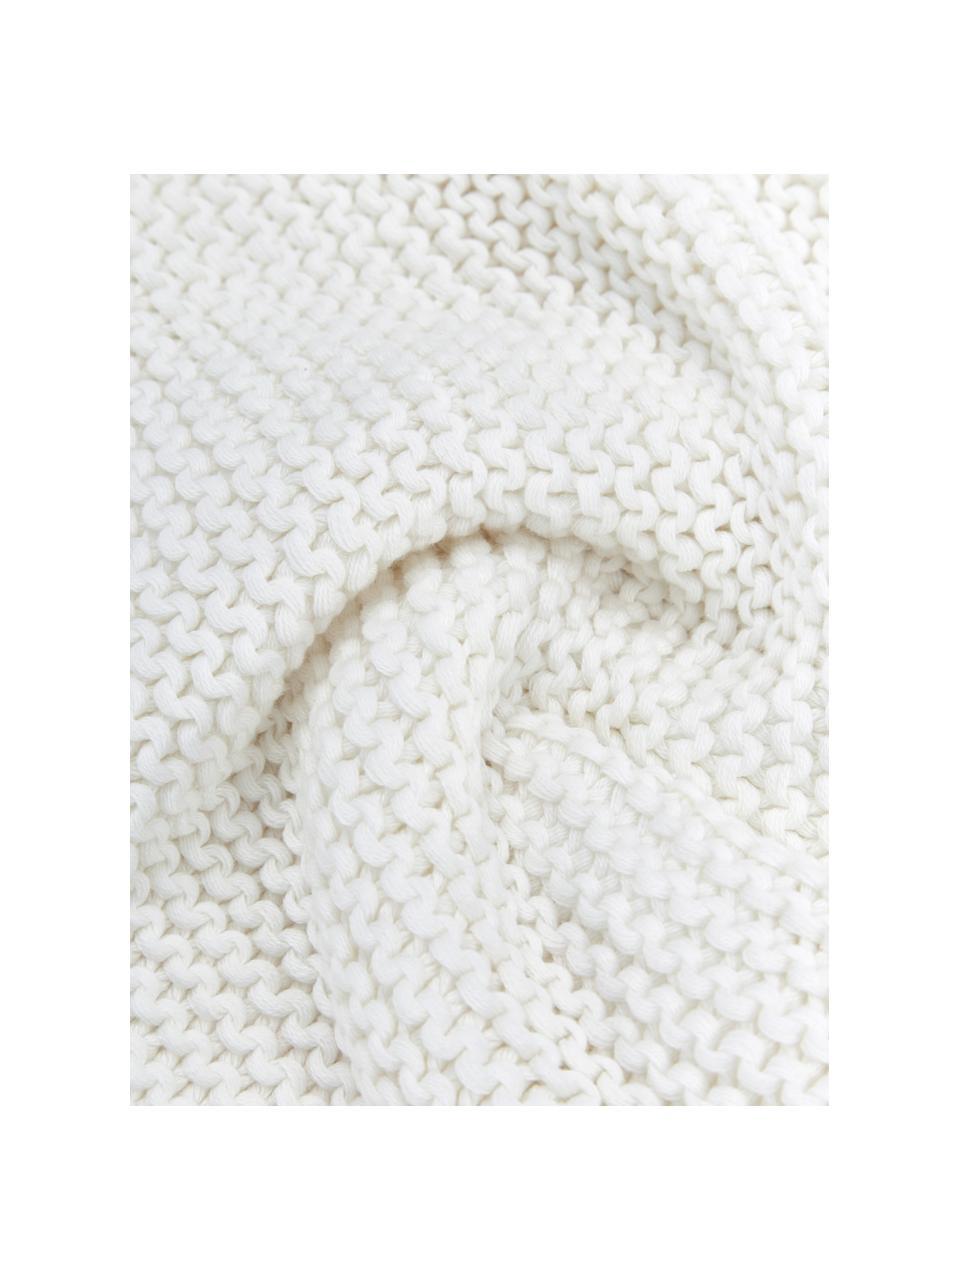 Gebreide kussenhoes Adalyn van biokatoen in natuurwit, 100% biokatoen, Natuurwit, 60 x 60 cm